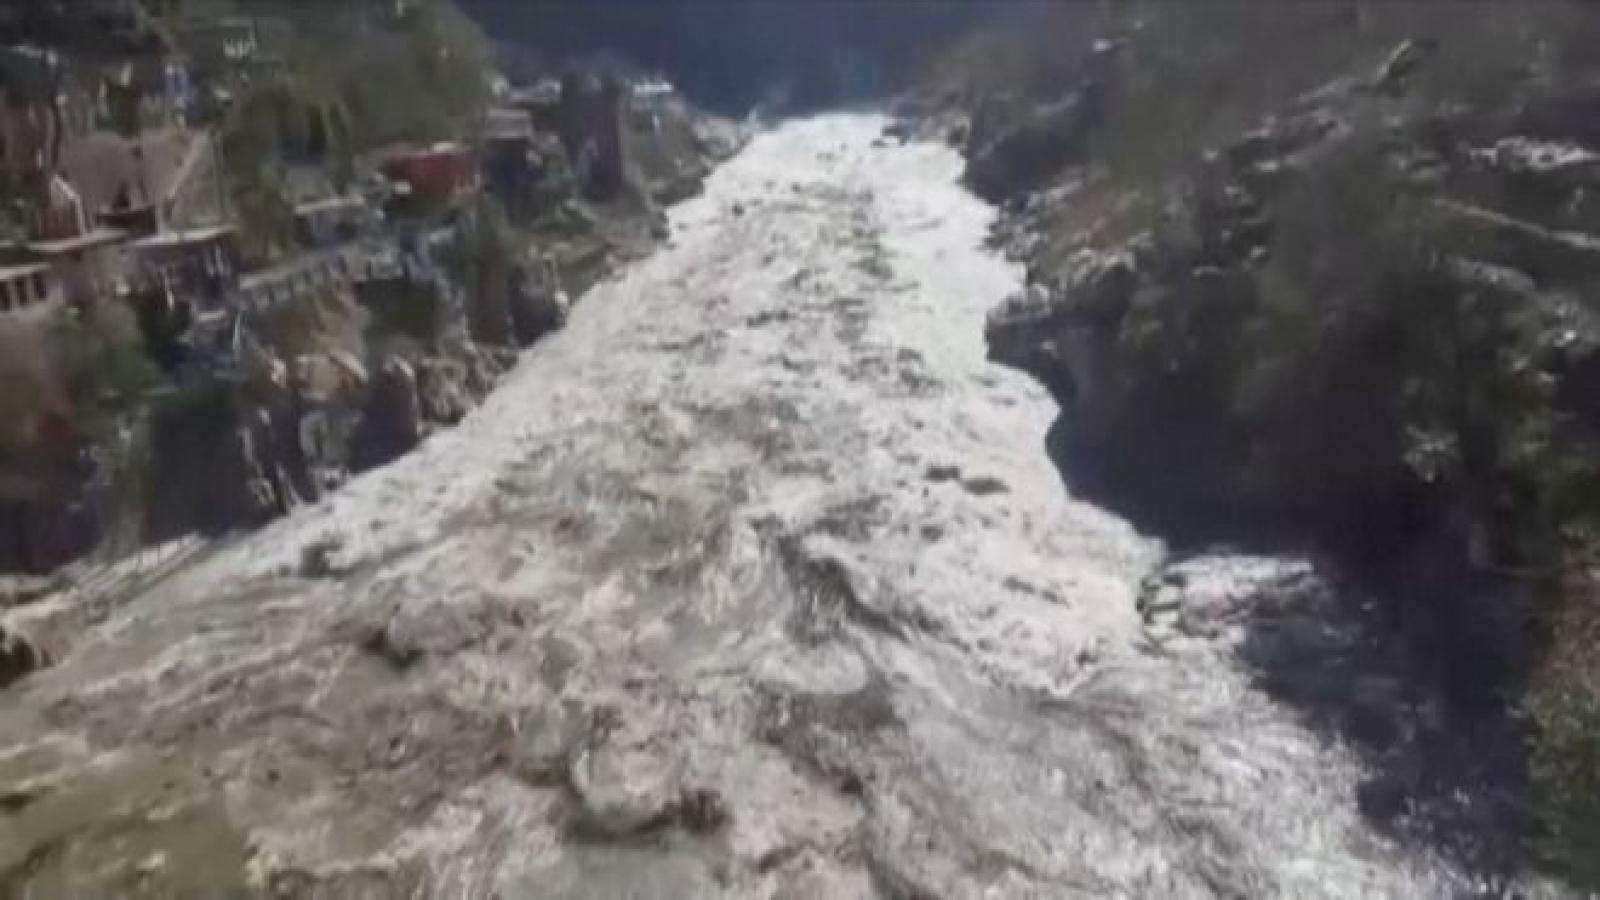 Ấn Độ cứu được 16 người trong thảm họa lũ quét